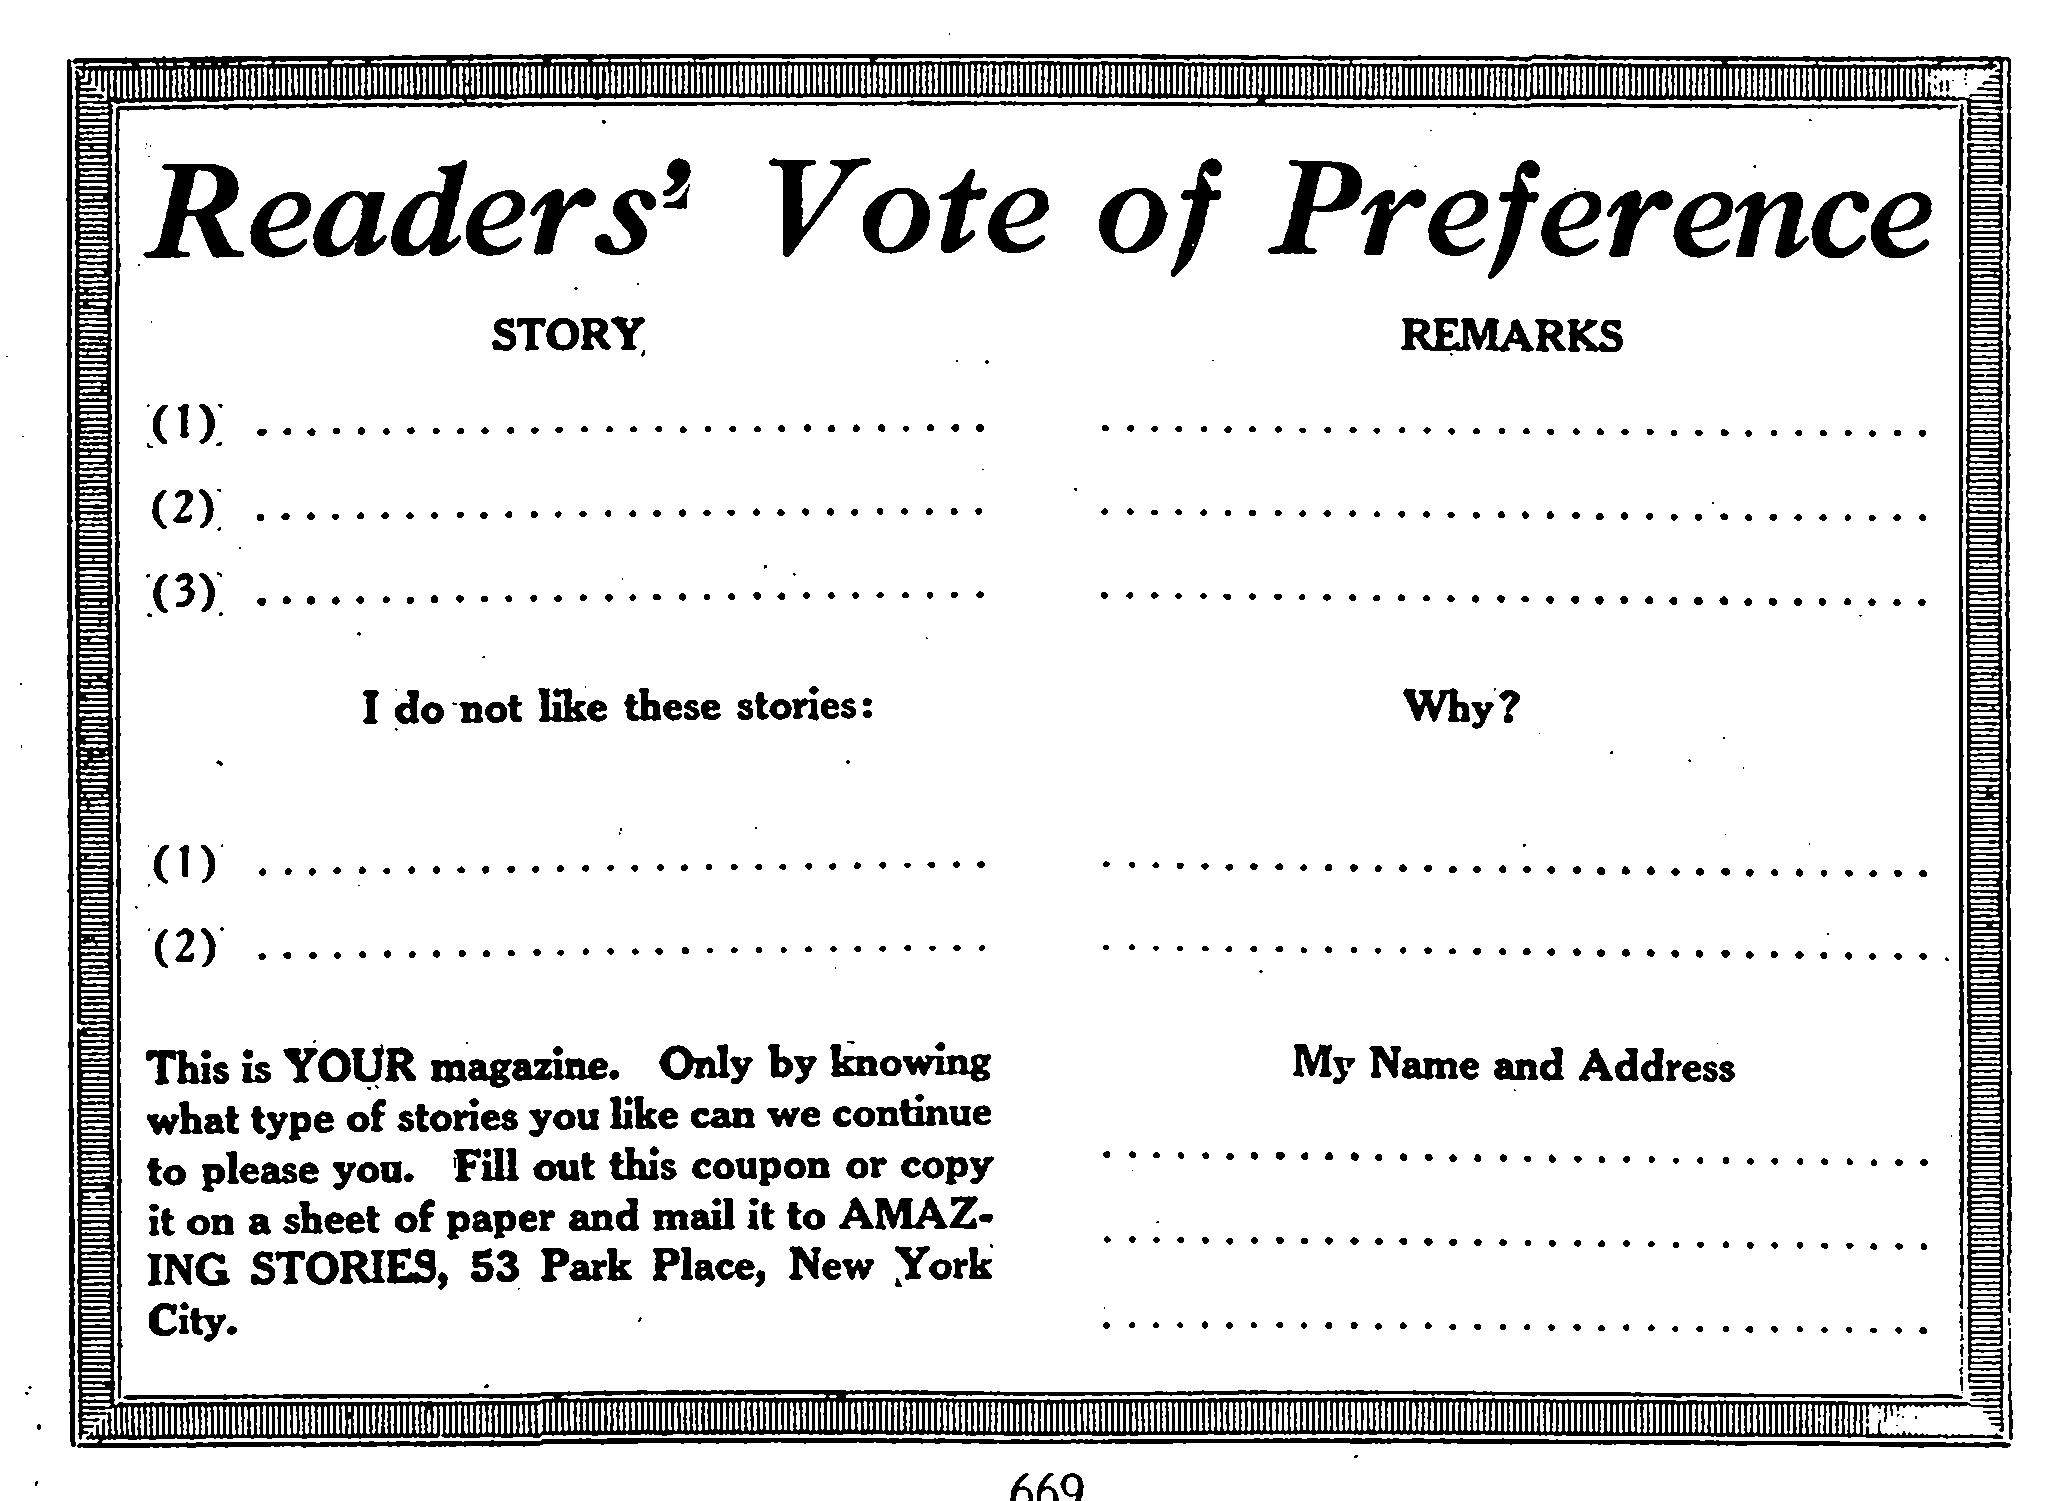 RG Cameron Dec 13 Illo #7 Reader Preference Form